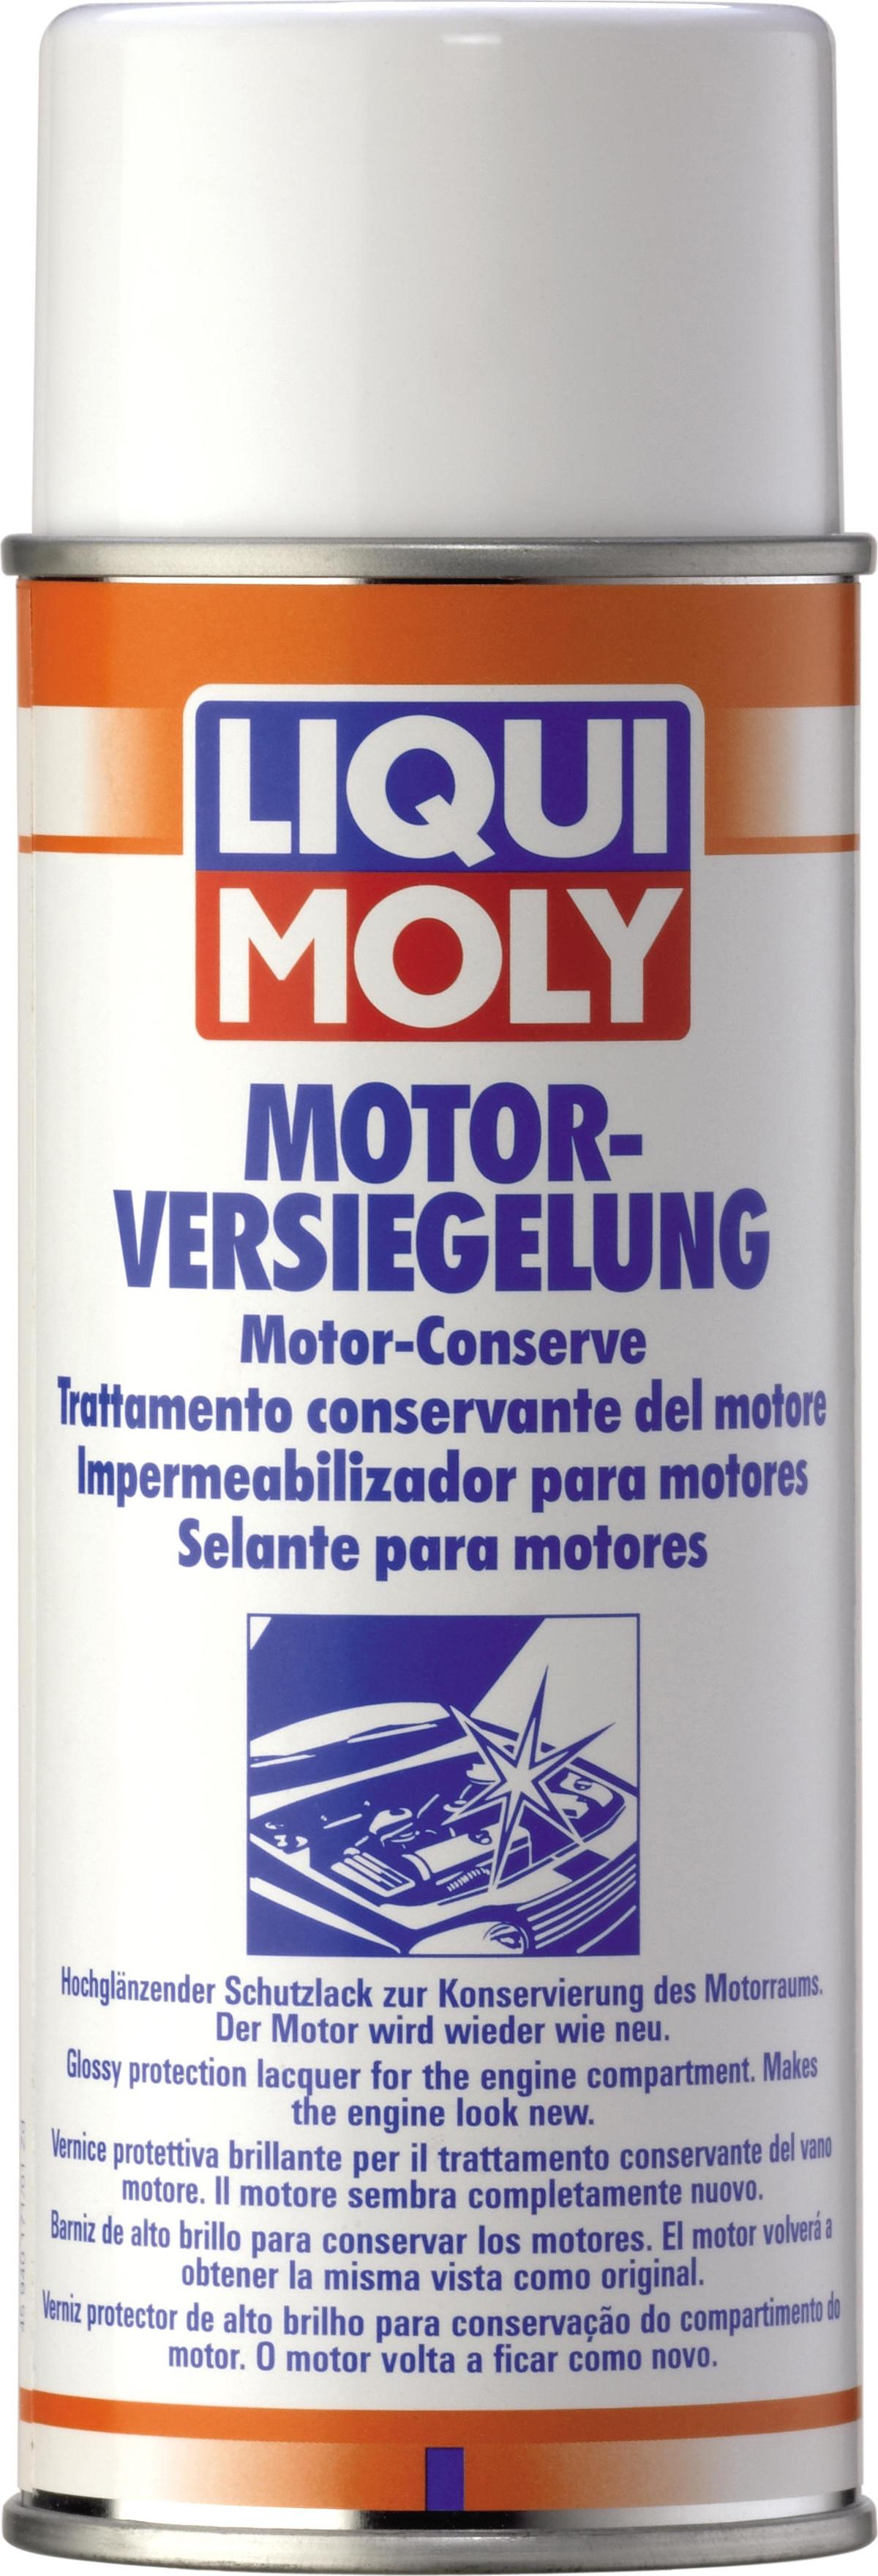 Спрей для внешней консервации двигателя Motor-Versiegelung